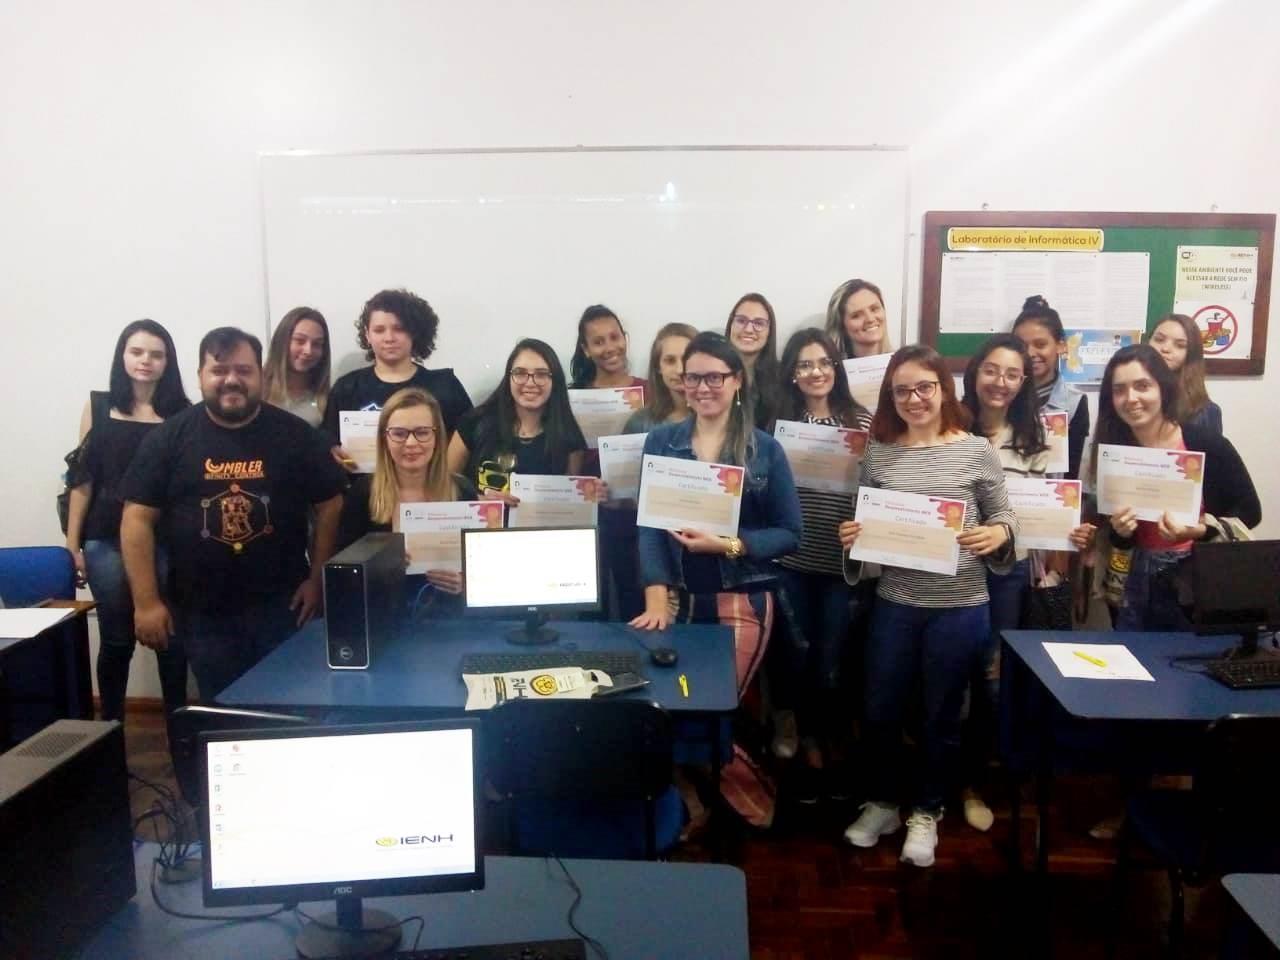 Curso de desenvolvimento WEB é promovido pela IENH no Programa Meninas Digitais